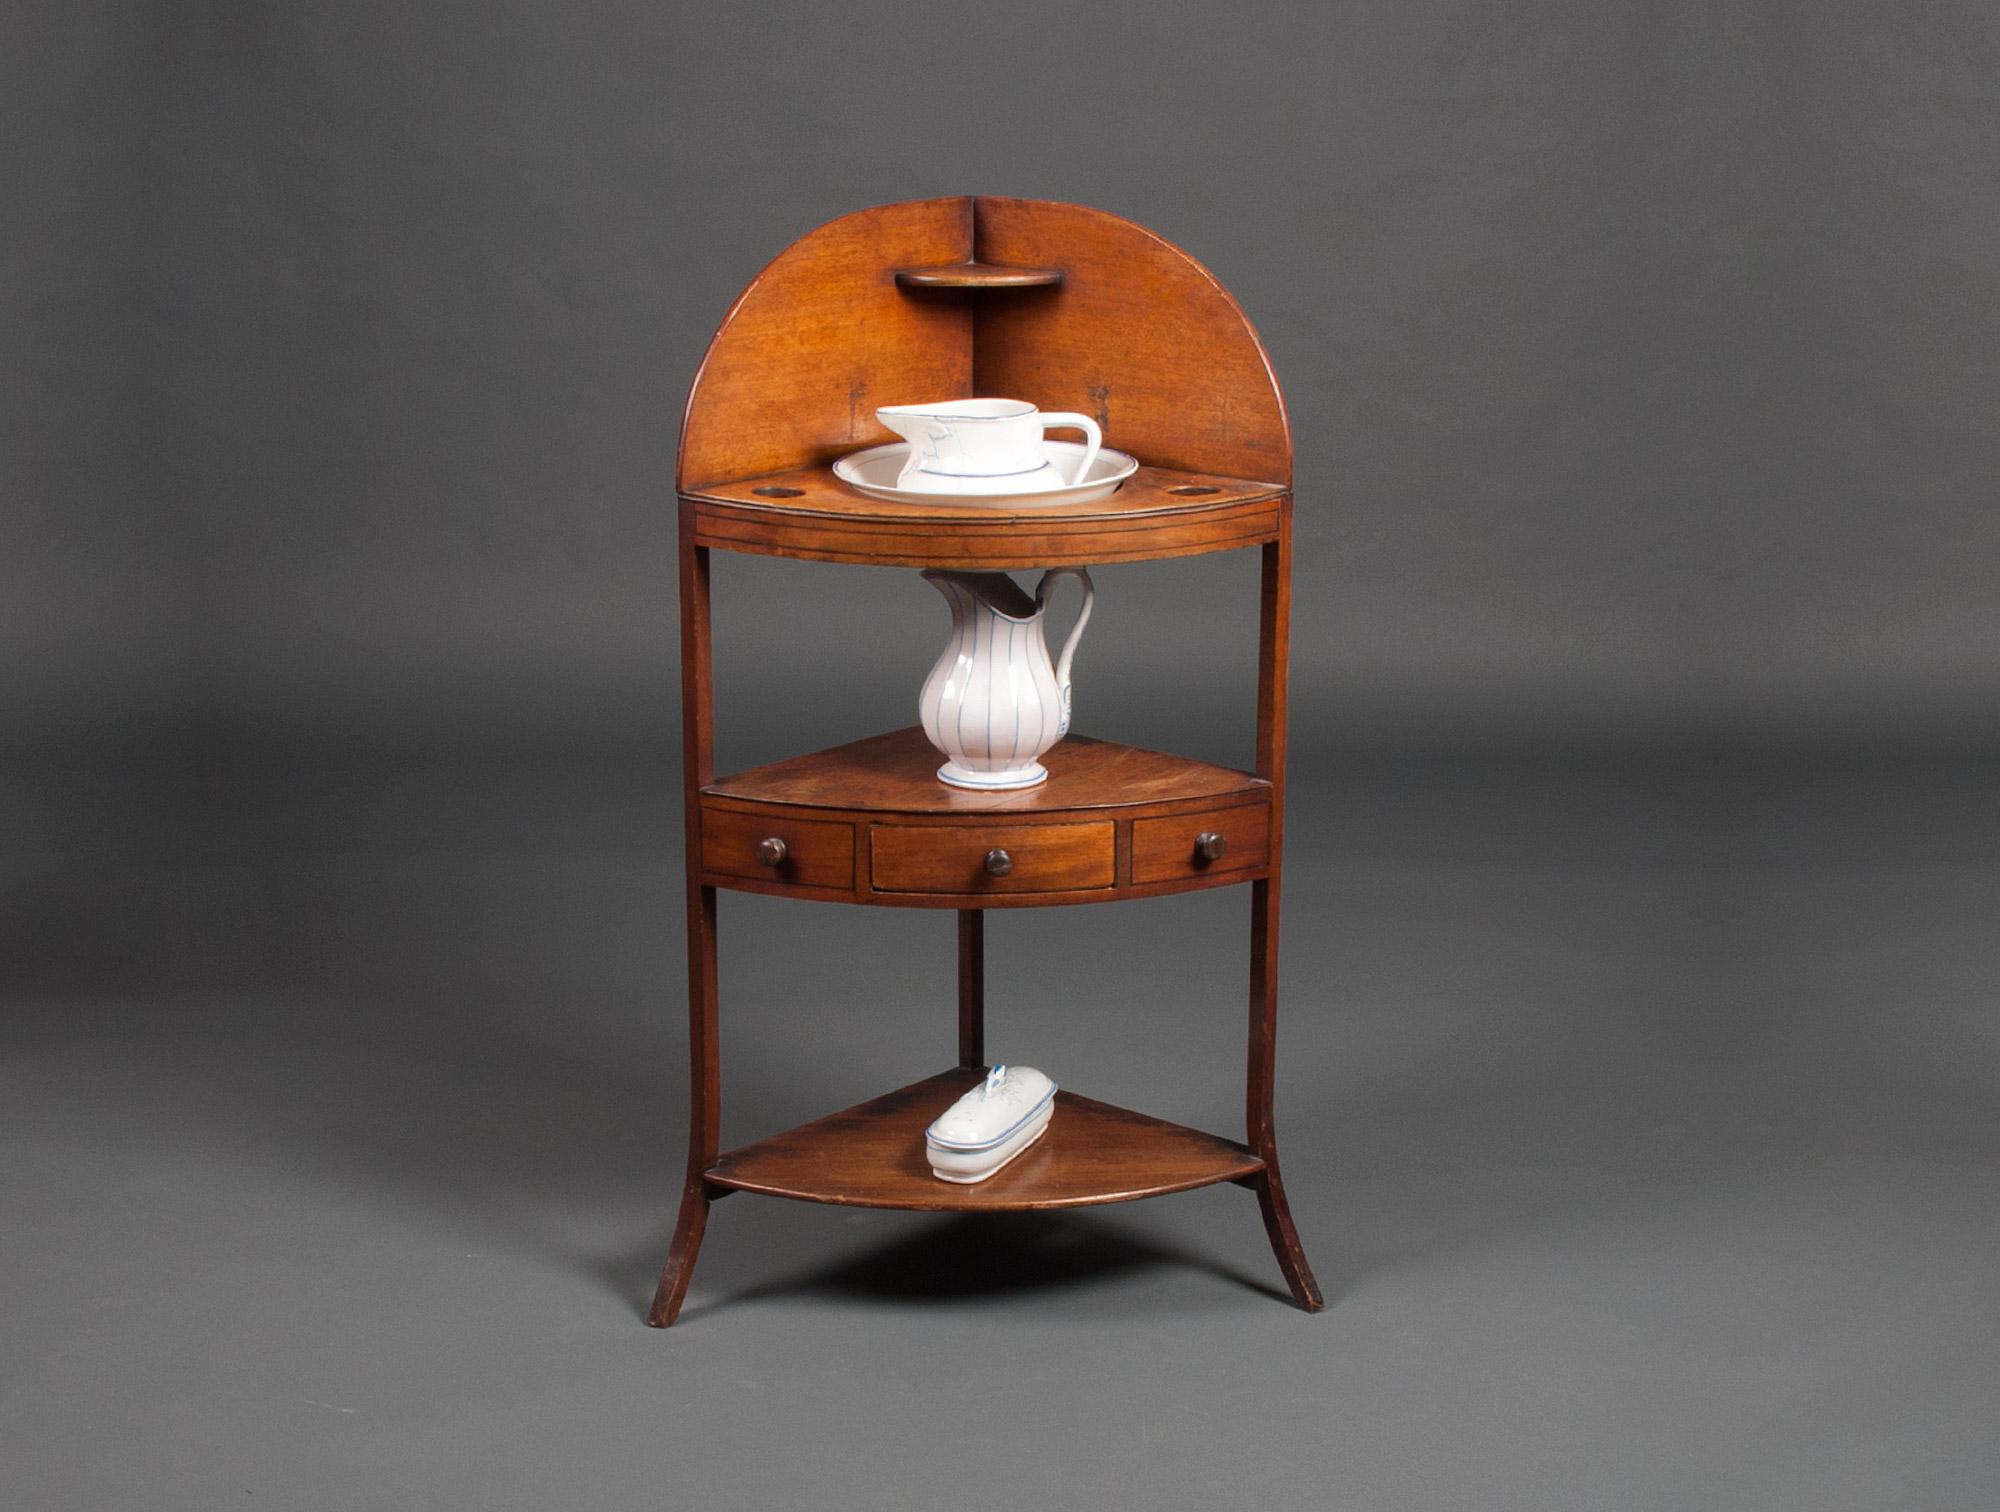 Meuble de toilette d 39 angle soubrier louer tables bureaux for Meuble dessus de toilette